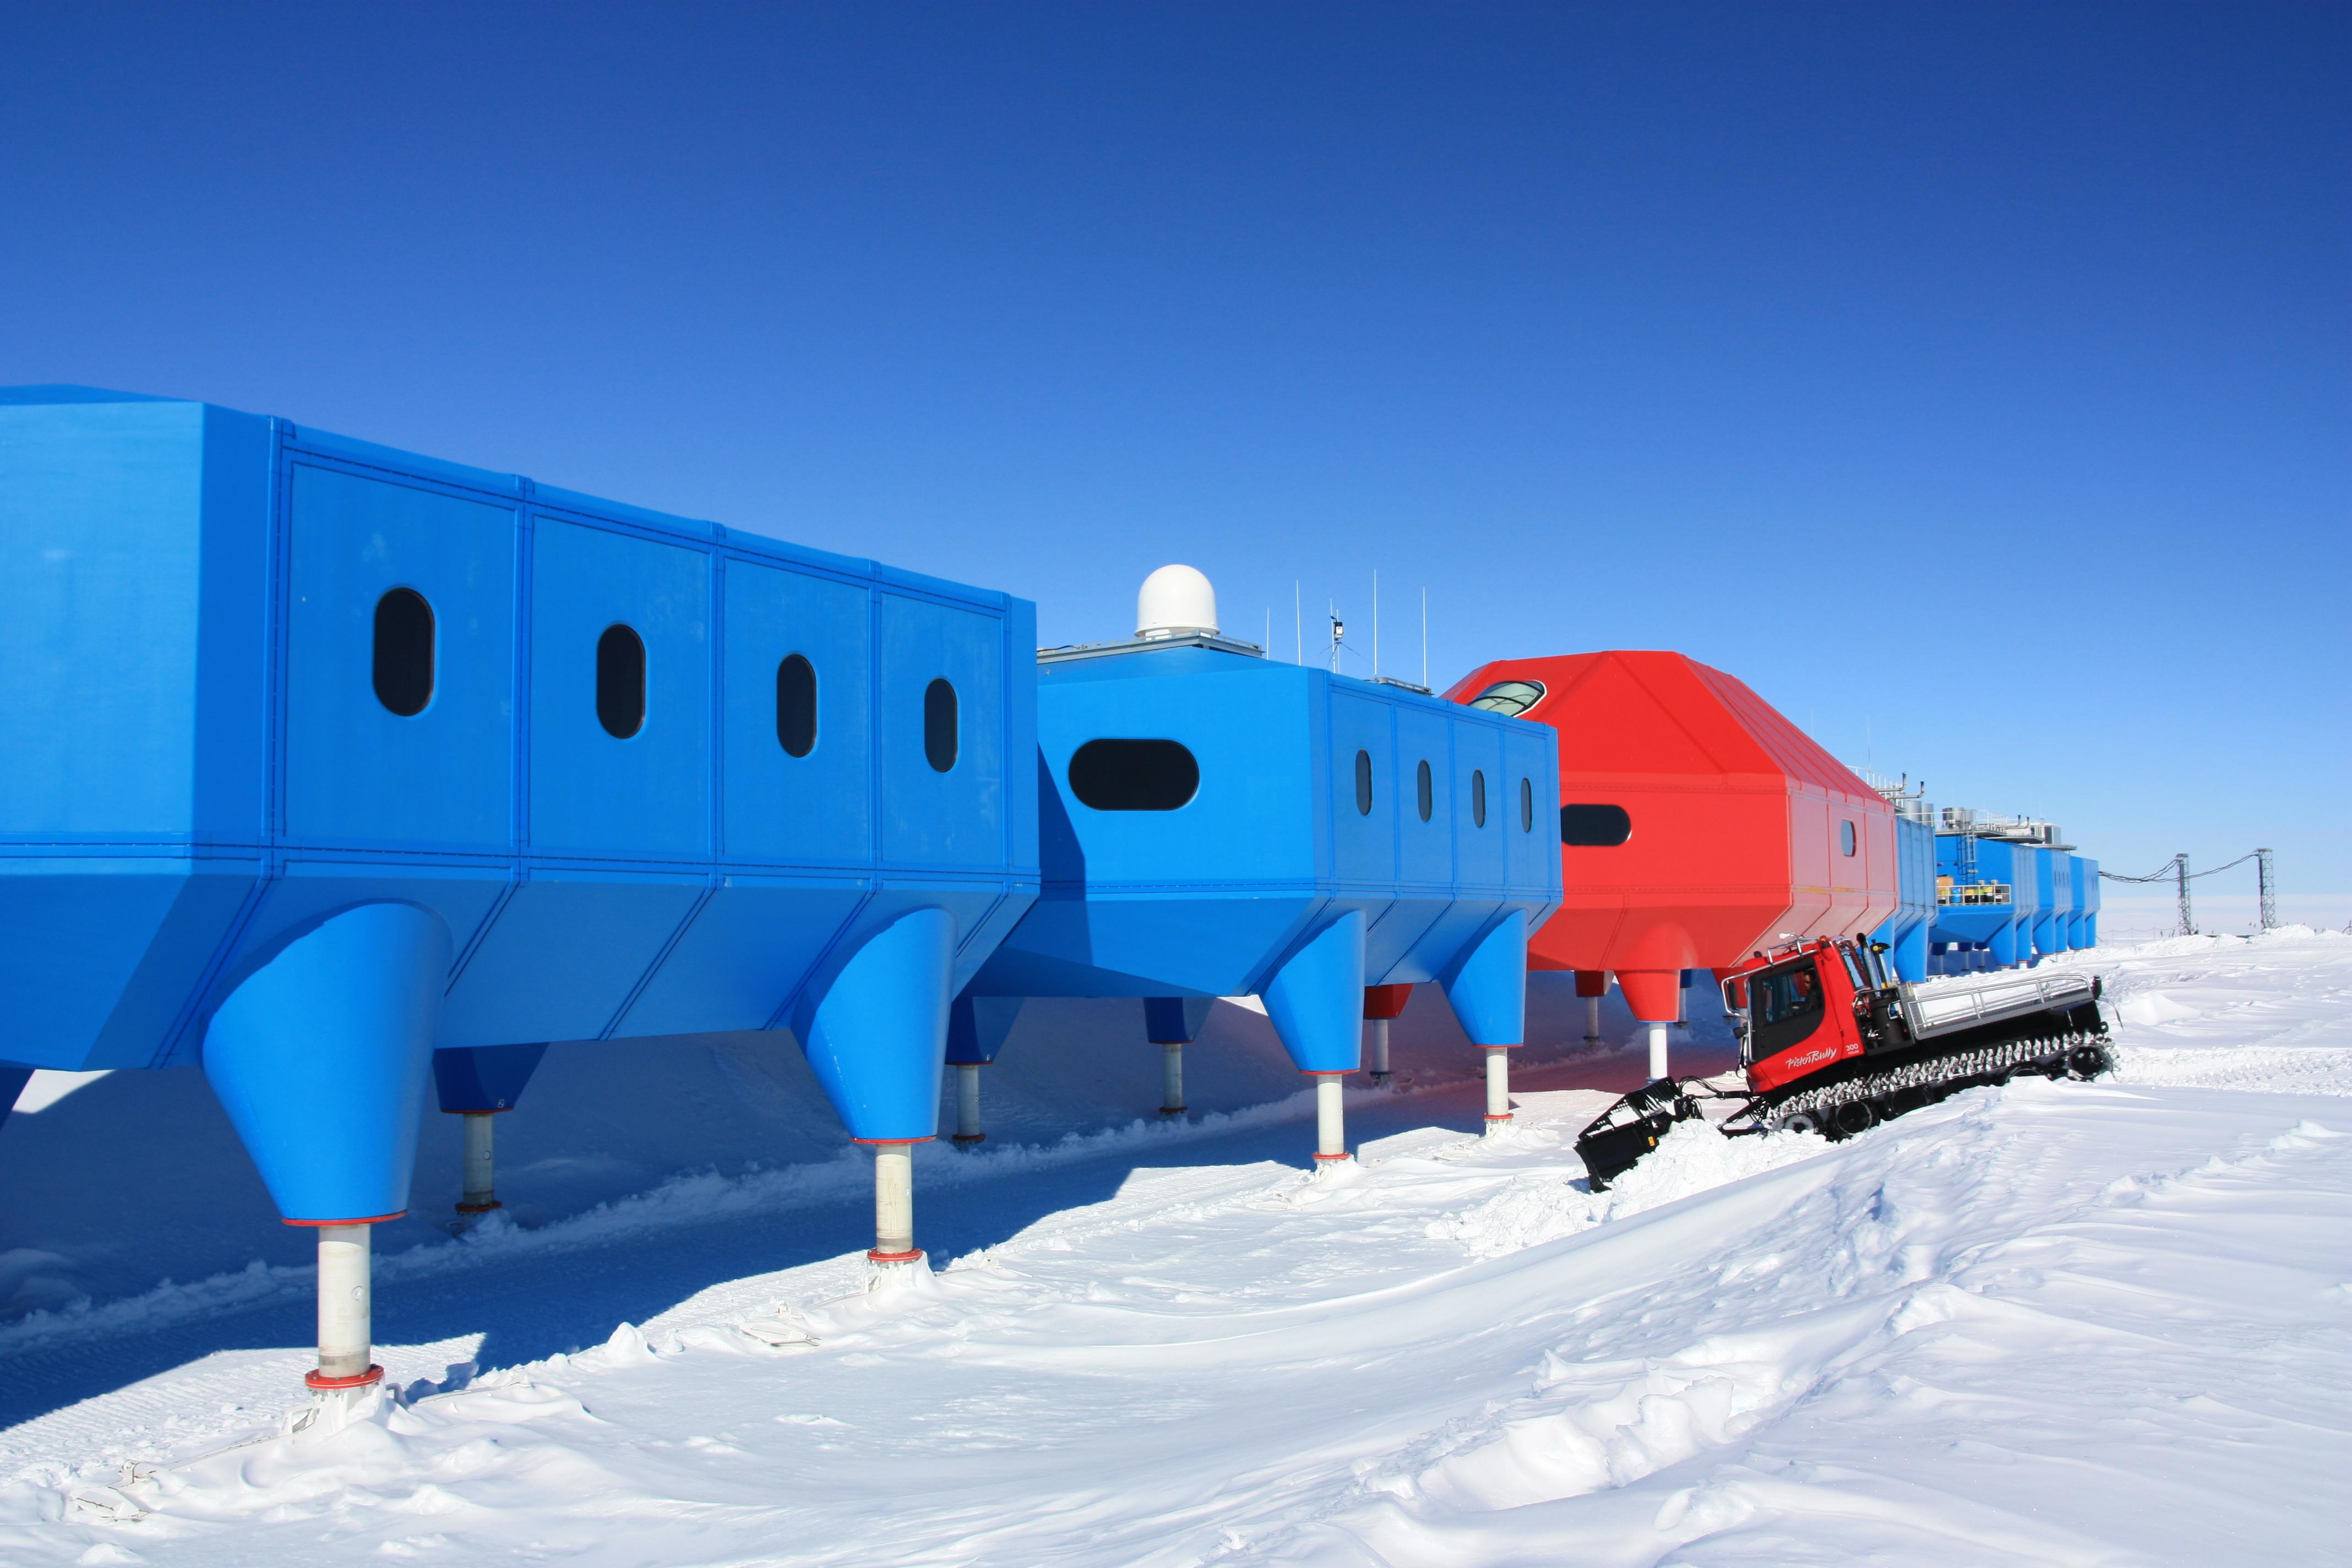 Mehrere Gebäudekomponenten schließen sich zu einem langen Komplex zusammen und bilden die Forschungsstation. Die Komponenten stehen jeweils auf Stelzen und sind rot. In der Mitte ist eine größere und rote. Rechts davon fährt ein Schneemobil.